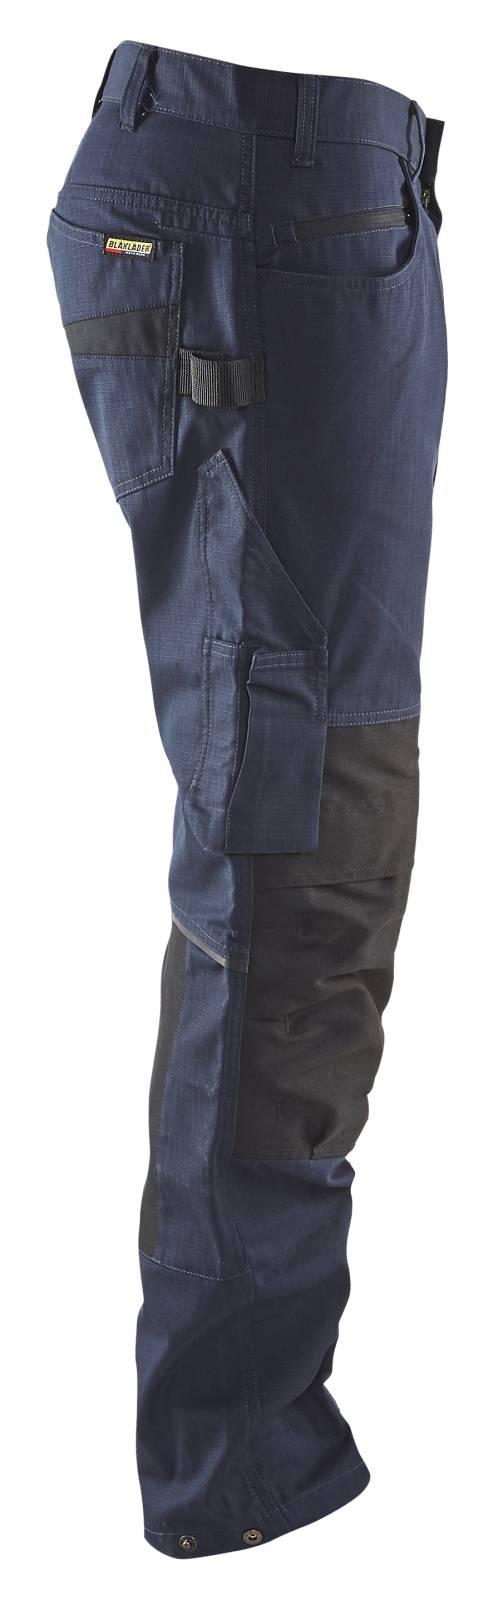 Blaklader Broeken 14951330 met Stretch donker marineblauw-zwart(8699)